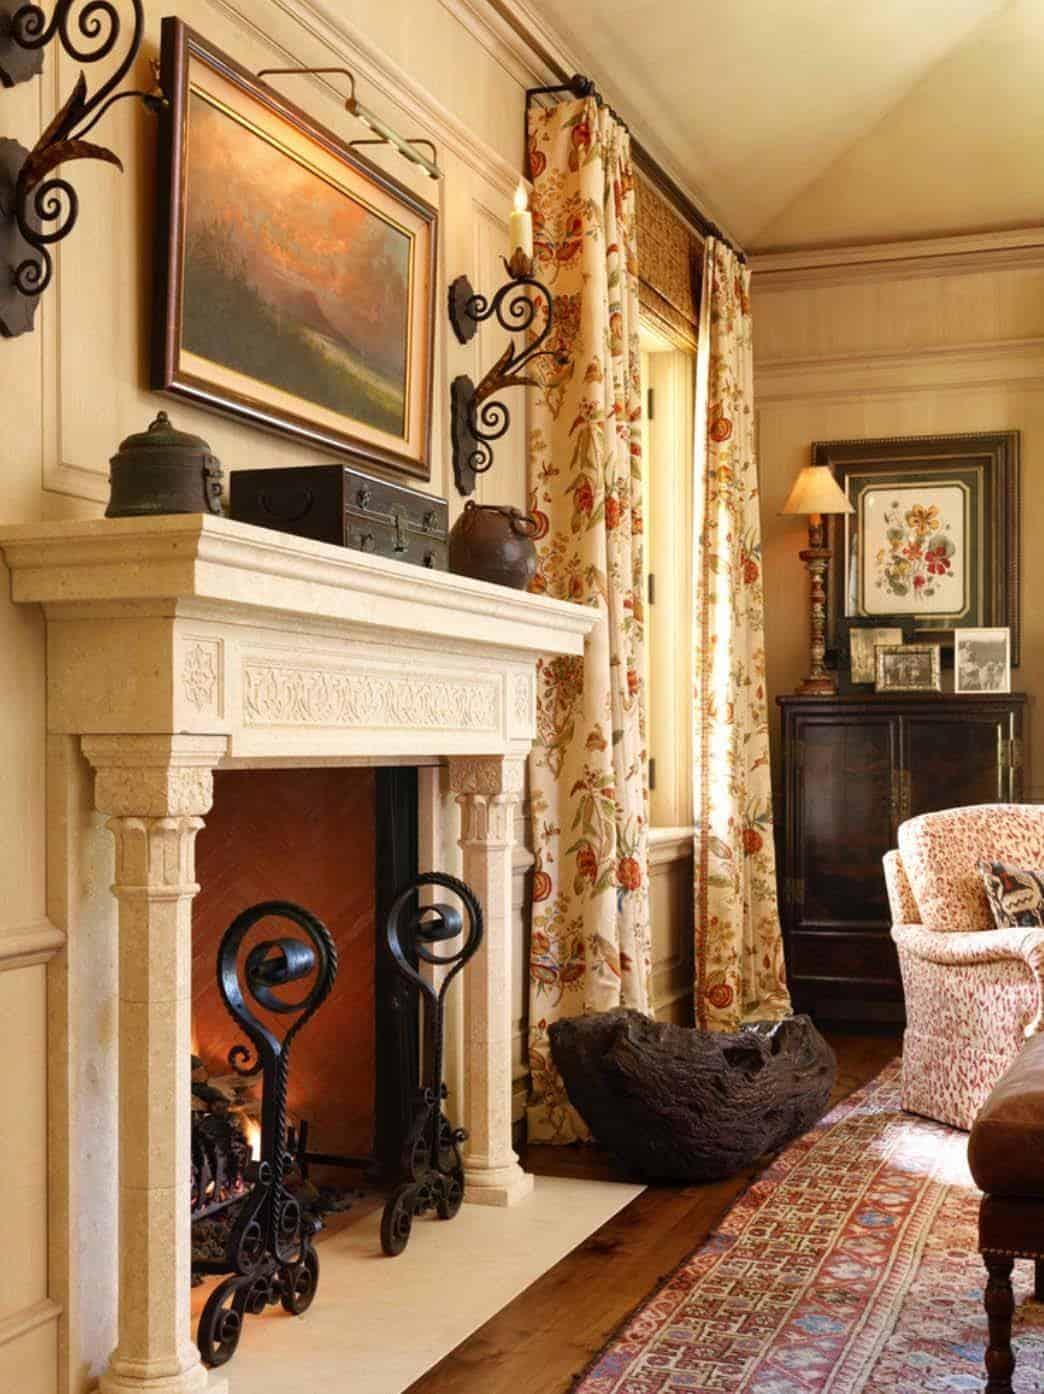 Carmel-Valley-Residence-Tucker-Marks-08-1 Kindesign